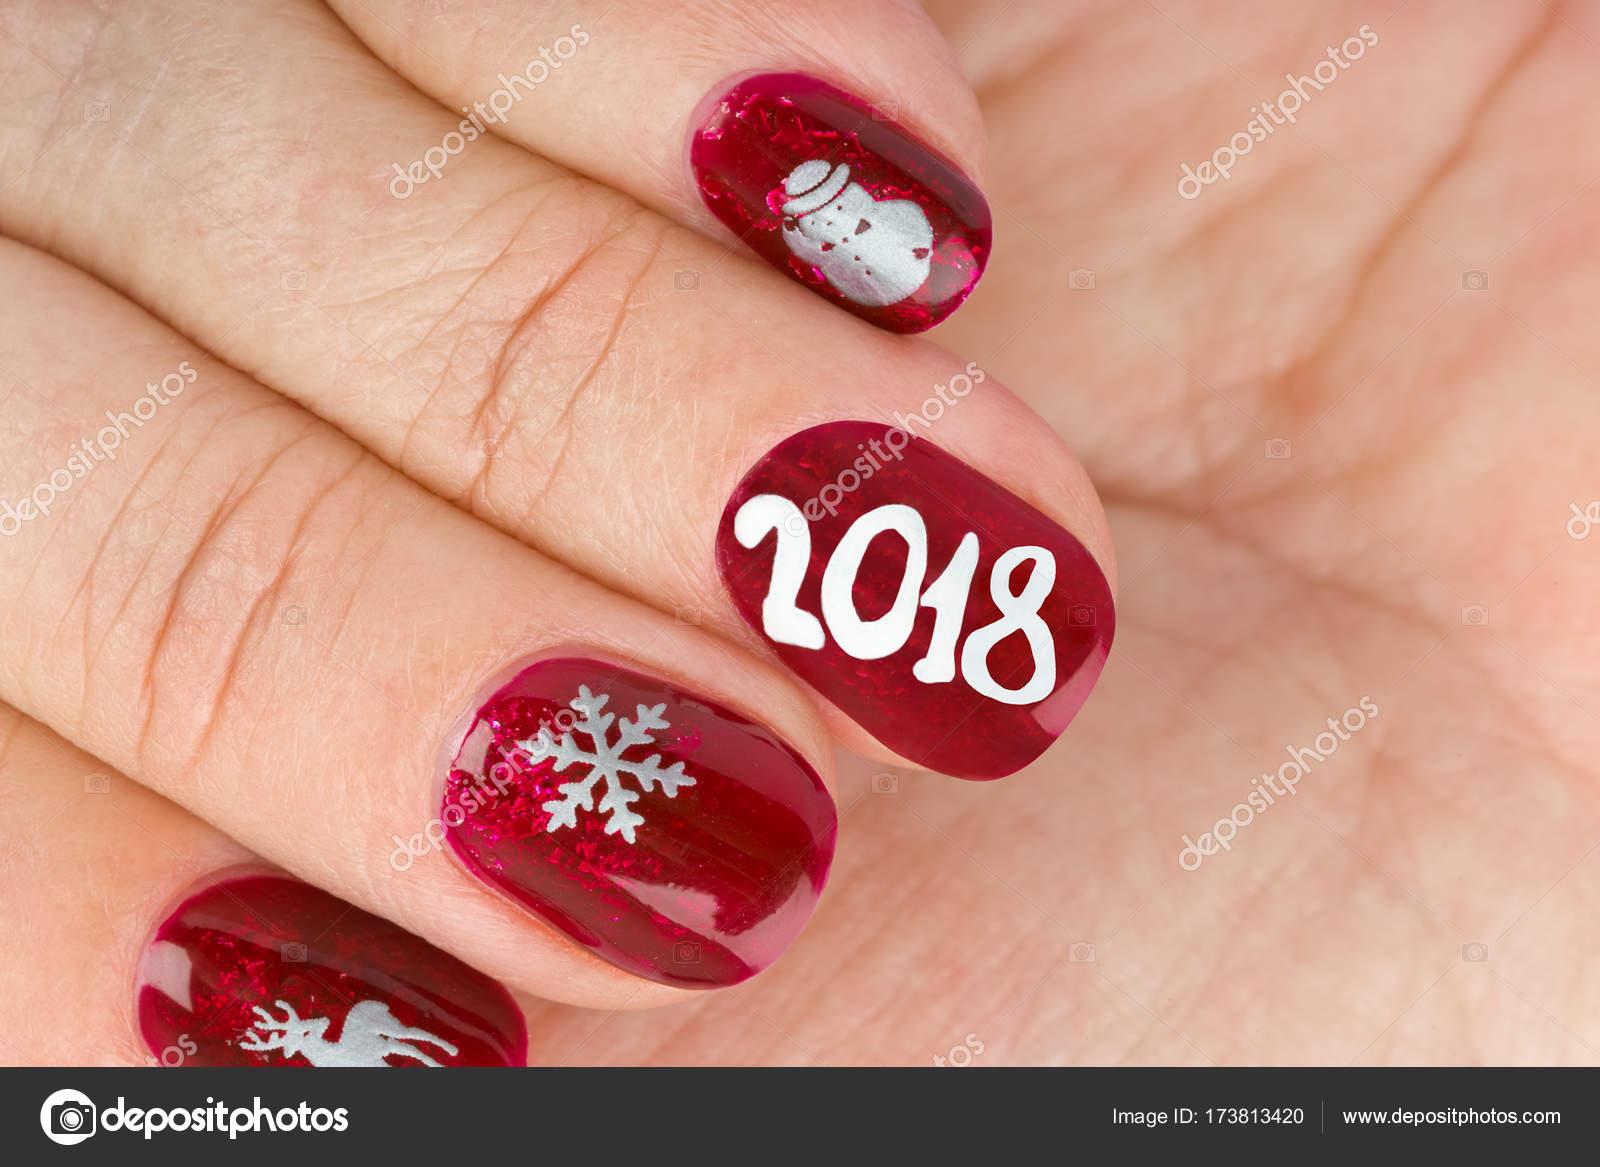 fingernagel mit weihnachten muster isoliert auf weiem hintergrund foto von violin - Muster Fingernagel